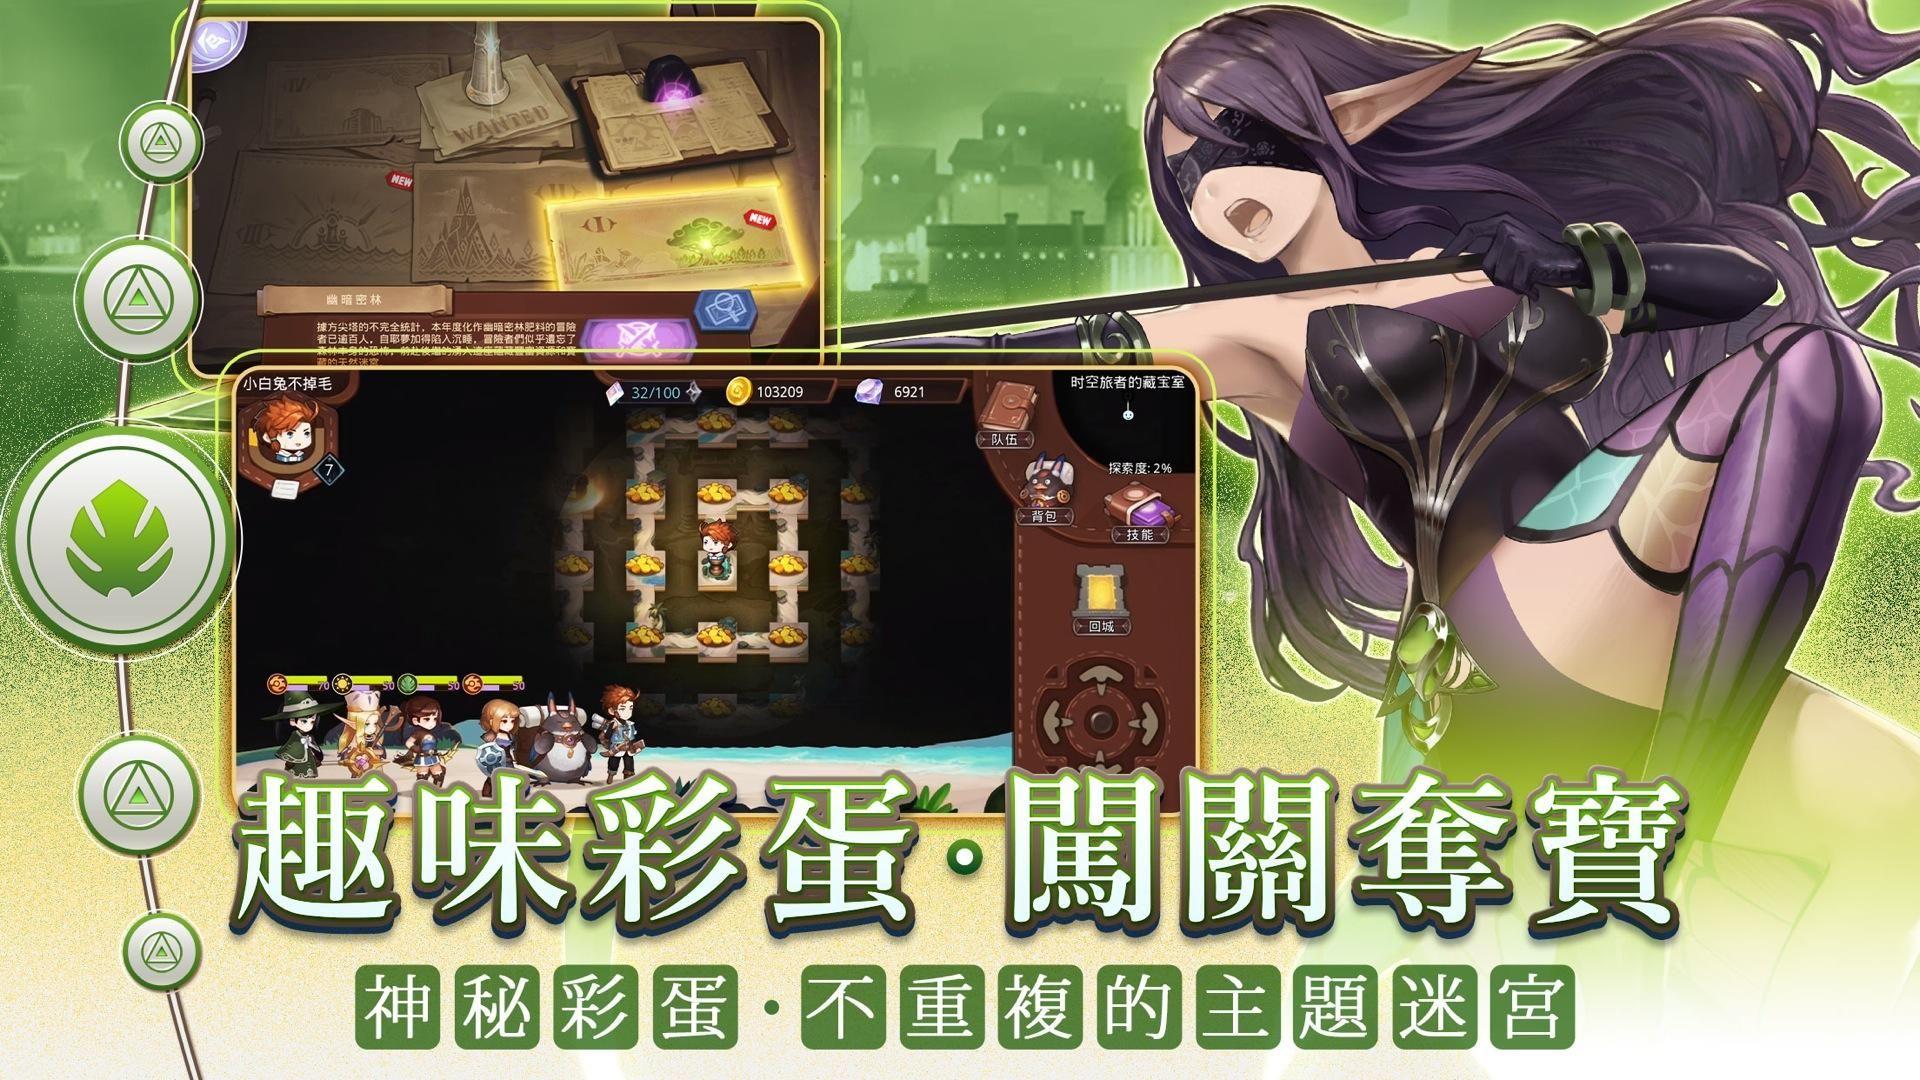 元素契约 - 超人気RPG×迷宫冒险物语 游戏截图4